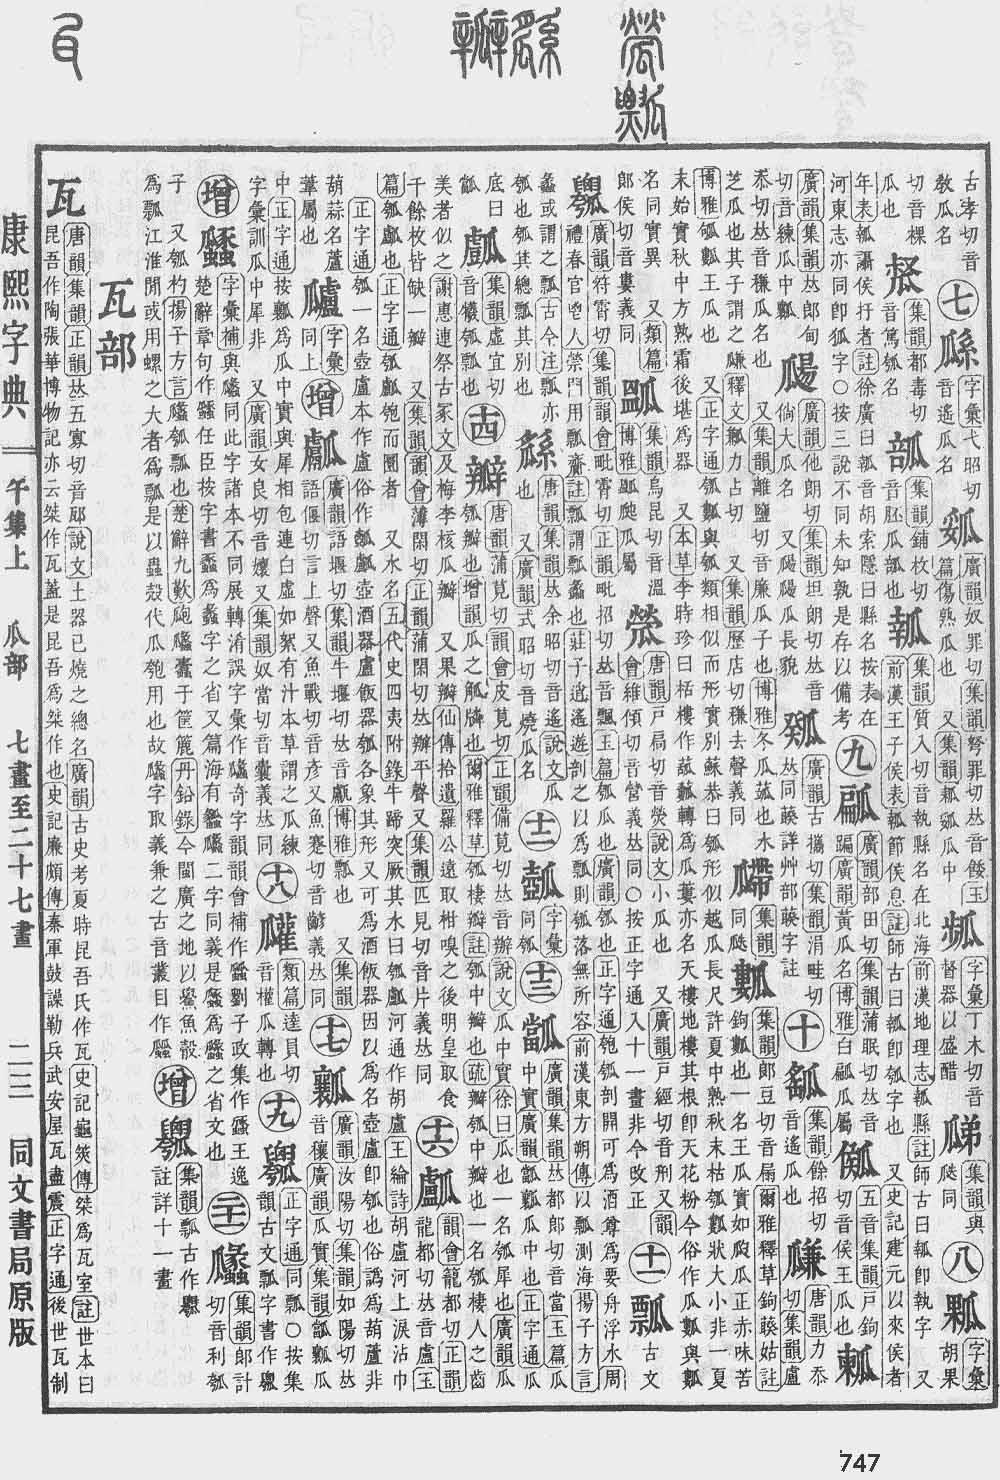 《康熙字典》第747页